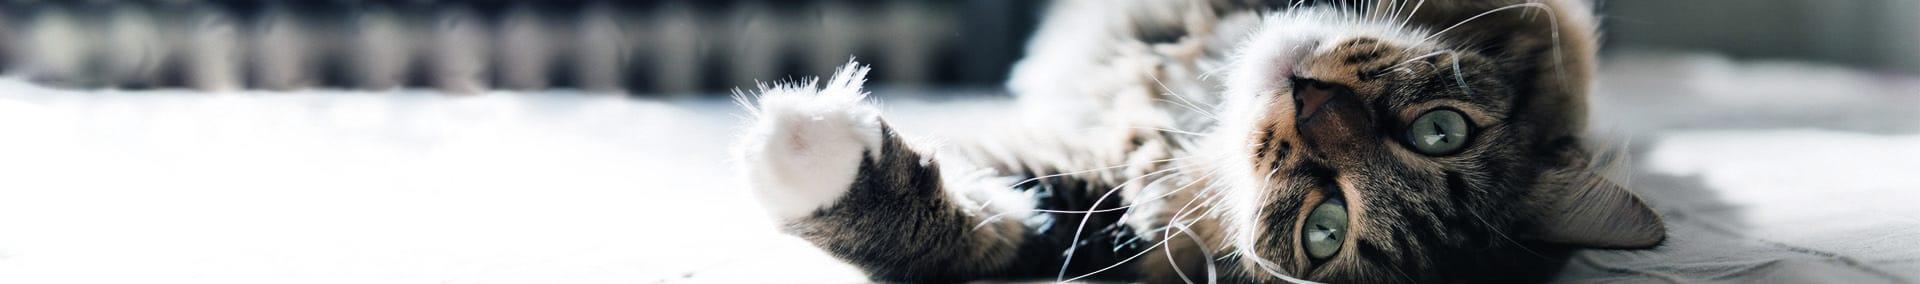 Upptäck hur Feliway kan hjälpa din katt